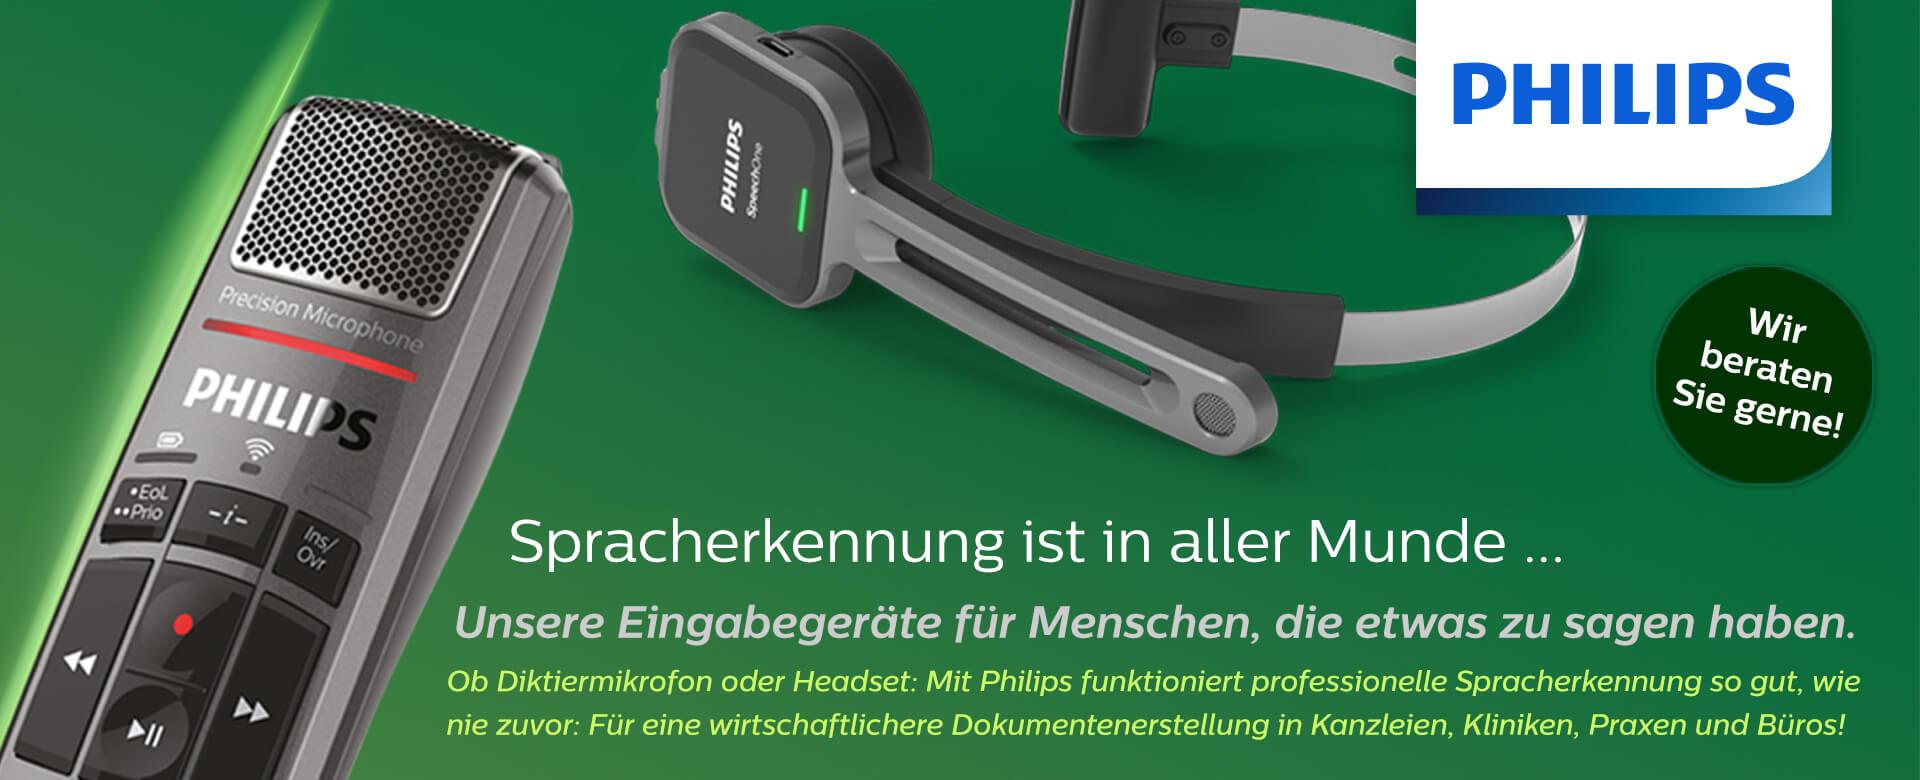 banner_dp_spracherkennung_1920x780